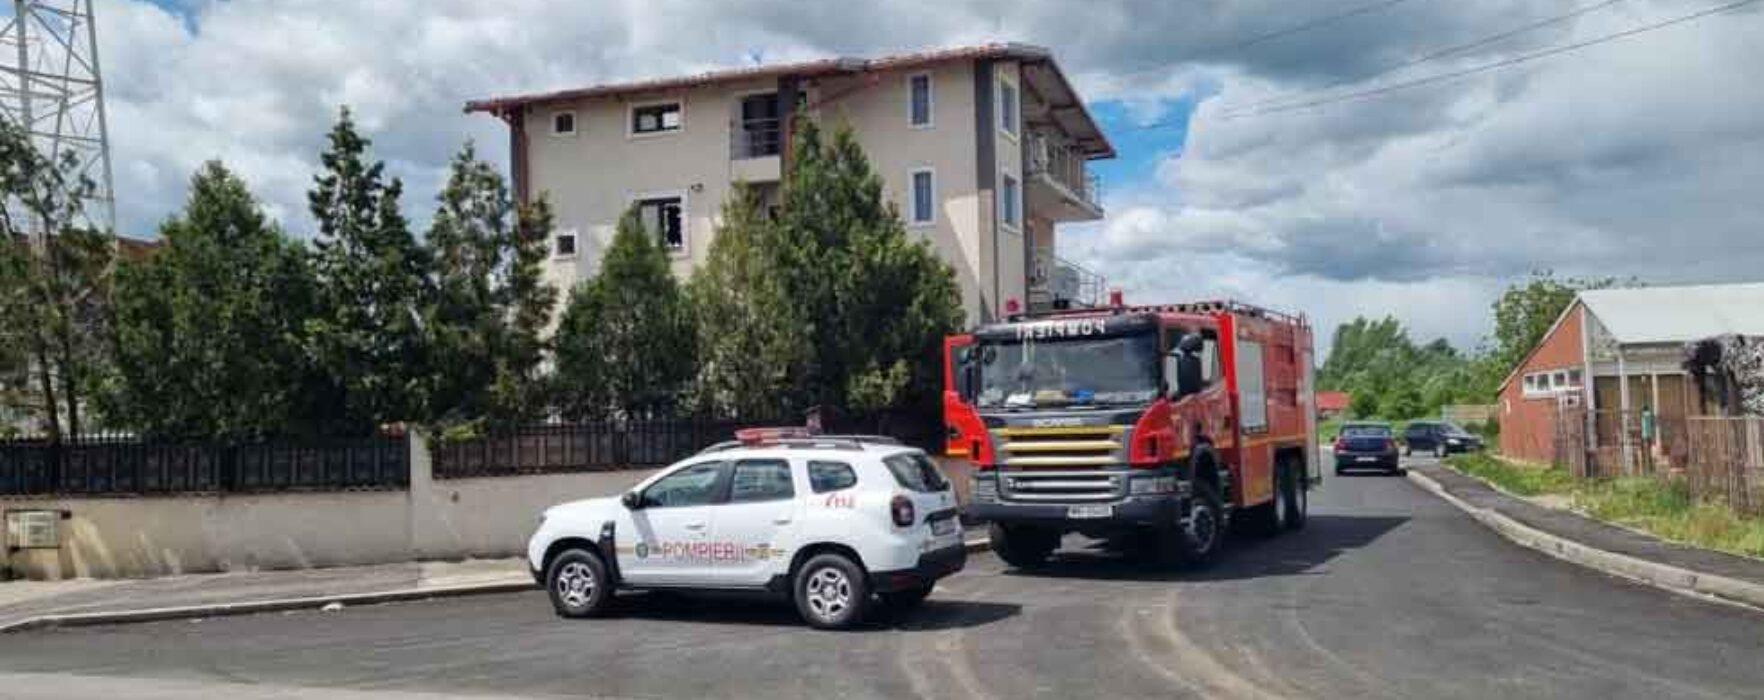 Târgovişte: Incendiu la un Centru de îngrijire persoane cu dizabilităţi, 20 de persoane evacuate preventiv